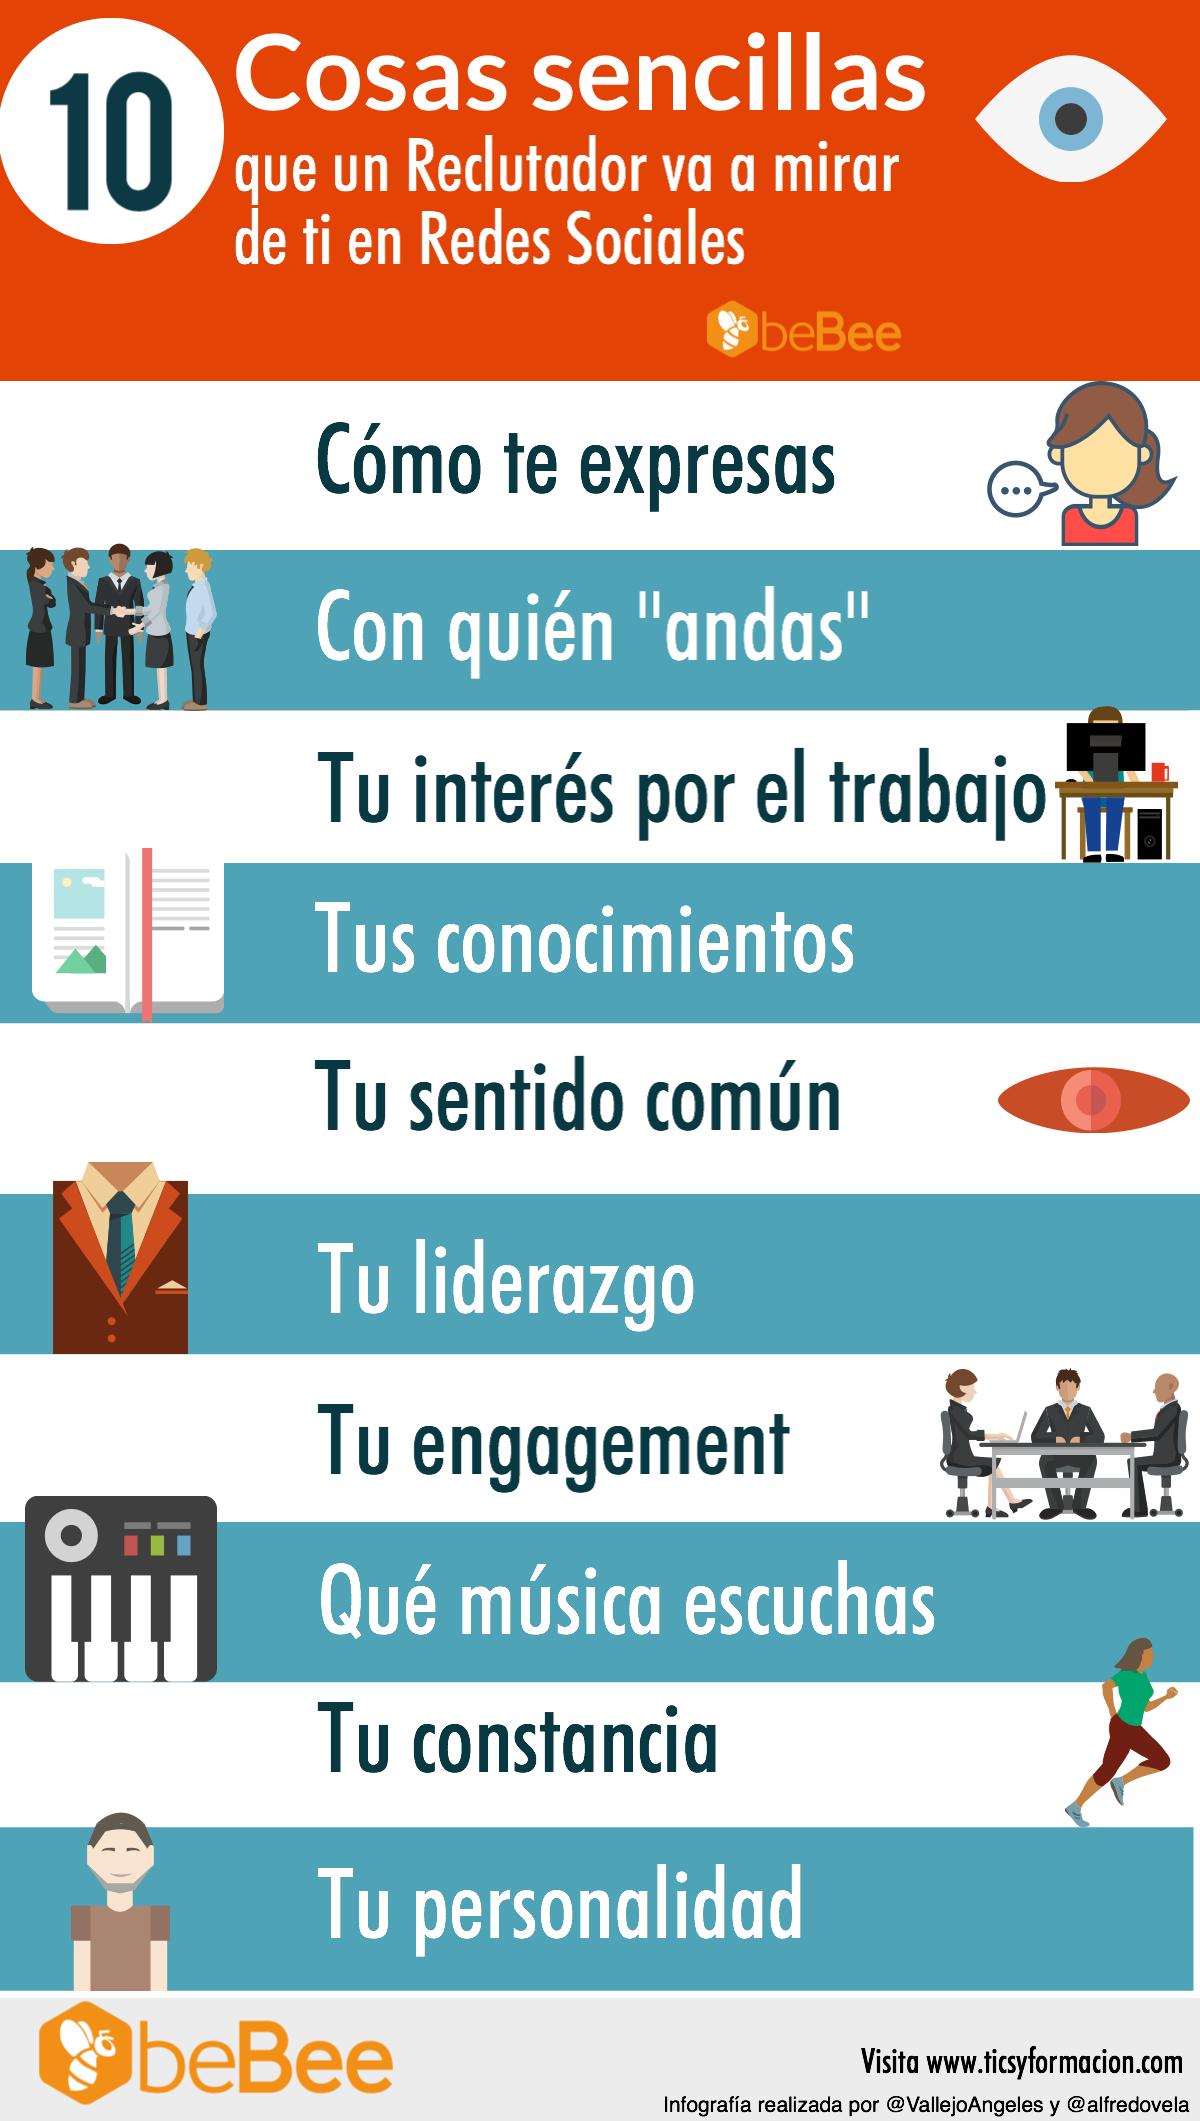 10 cosas sencillas que un reclutador va a ver de ti en Redes Sociales #infografia #socialmedia #rrhh #empleo